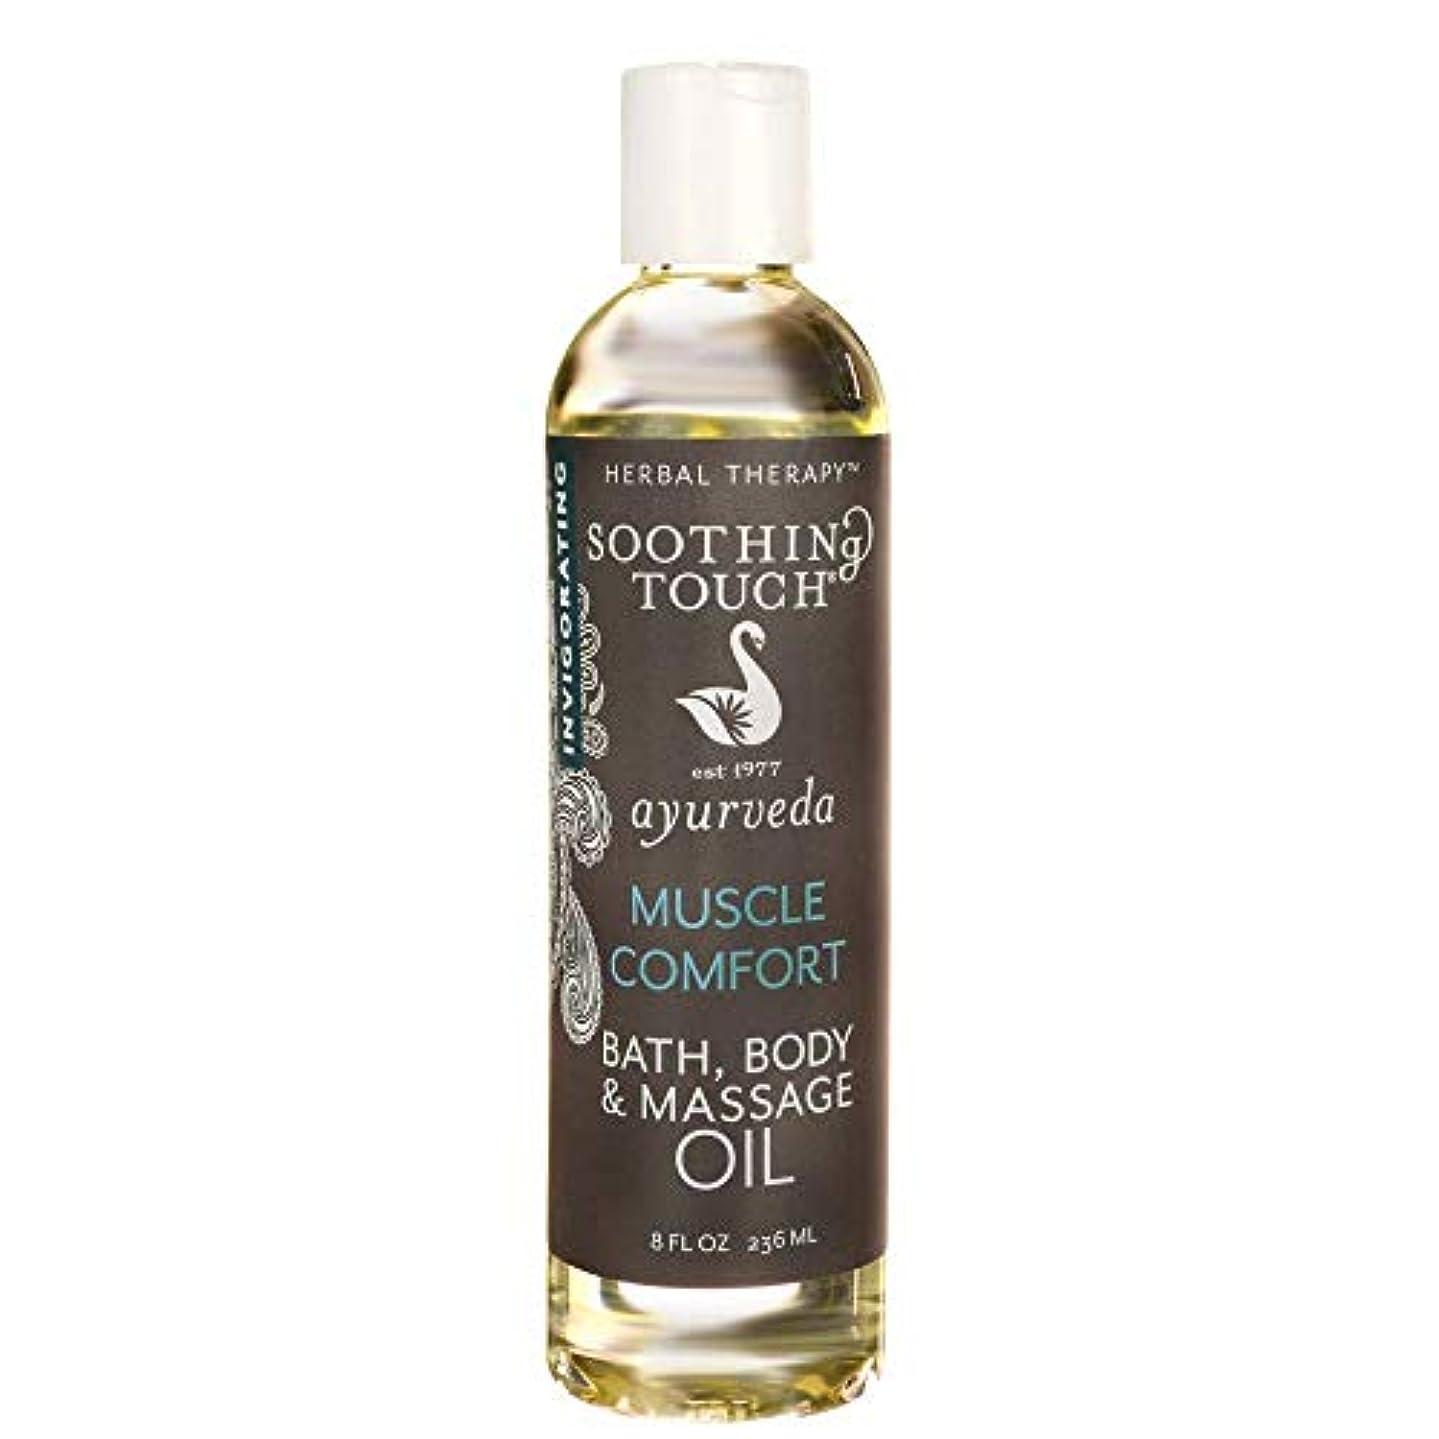 後世マンハッタン意気揚々Bath and Body Oil - Muscle Cmf - 8 oz by Soothing Touch